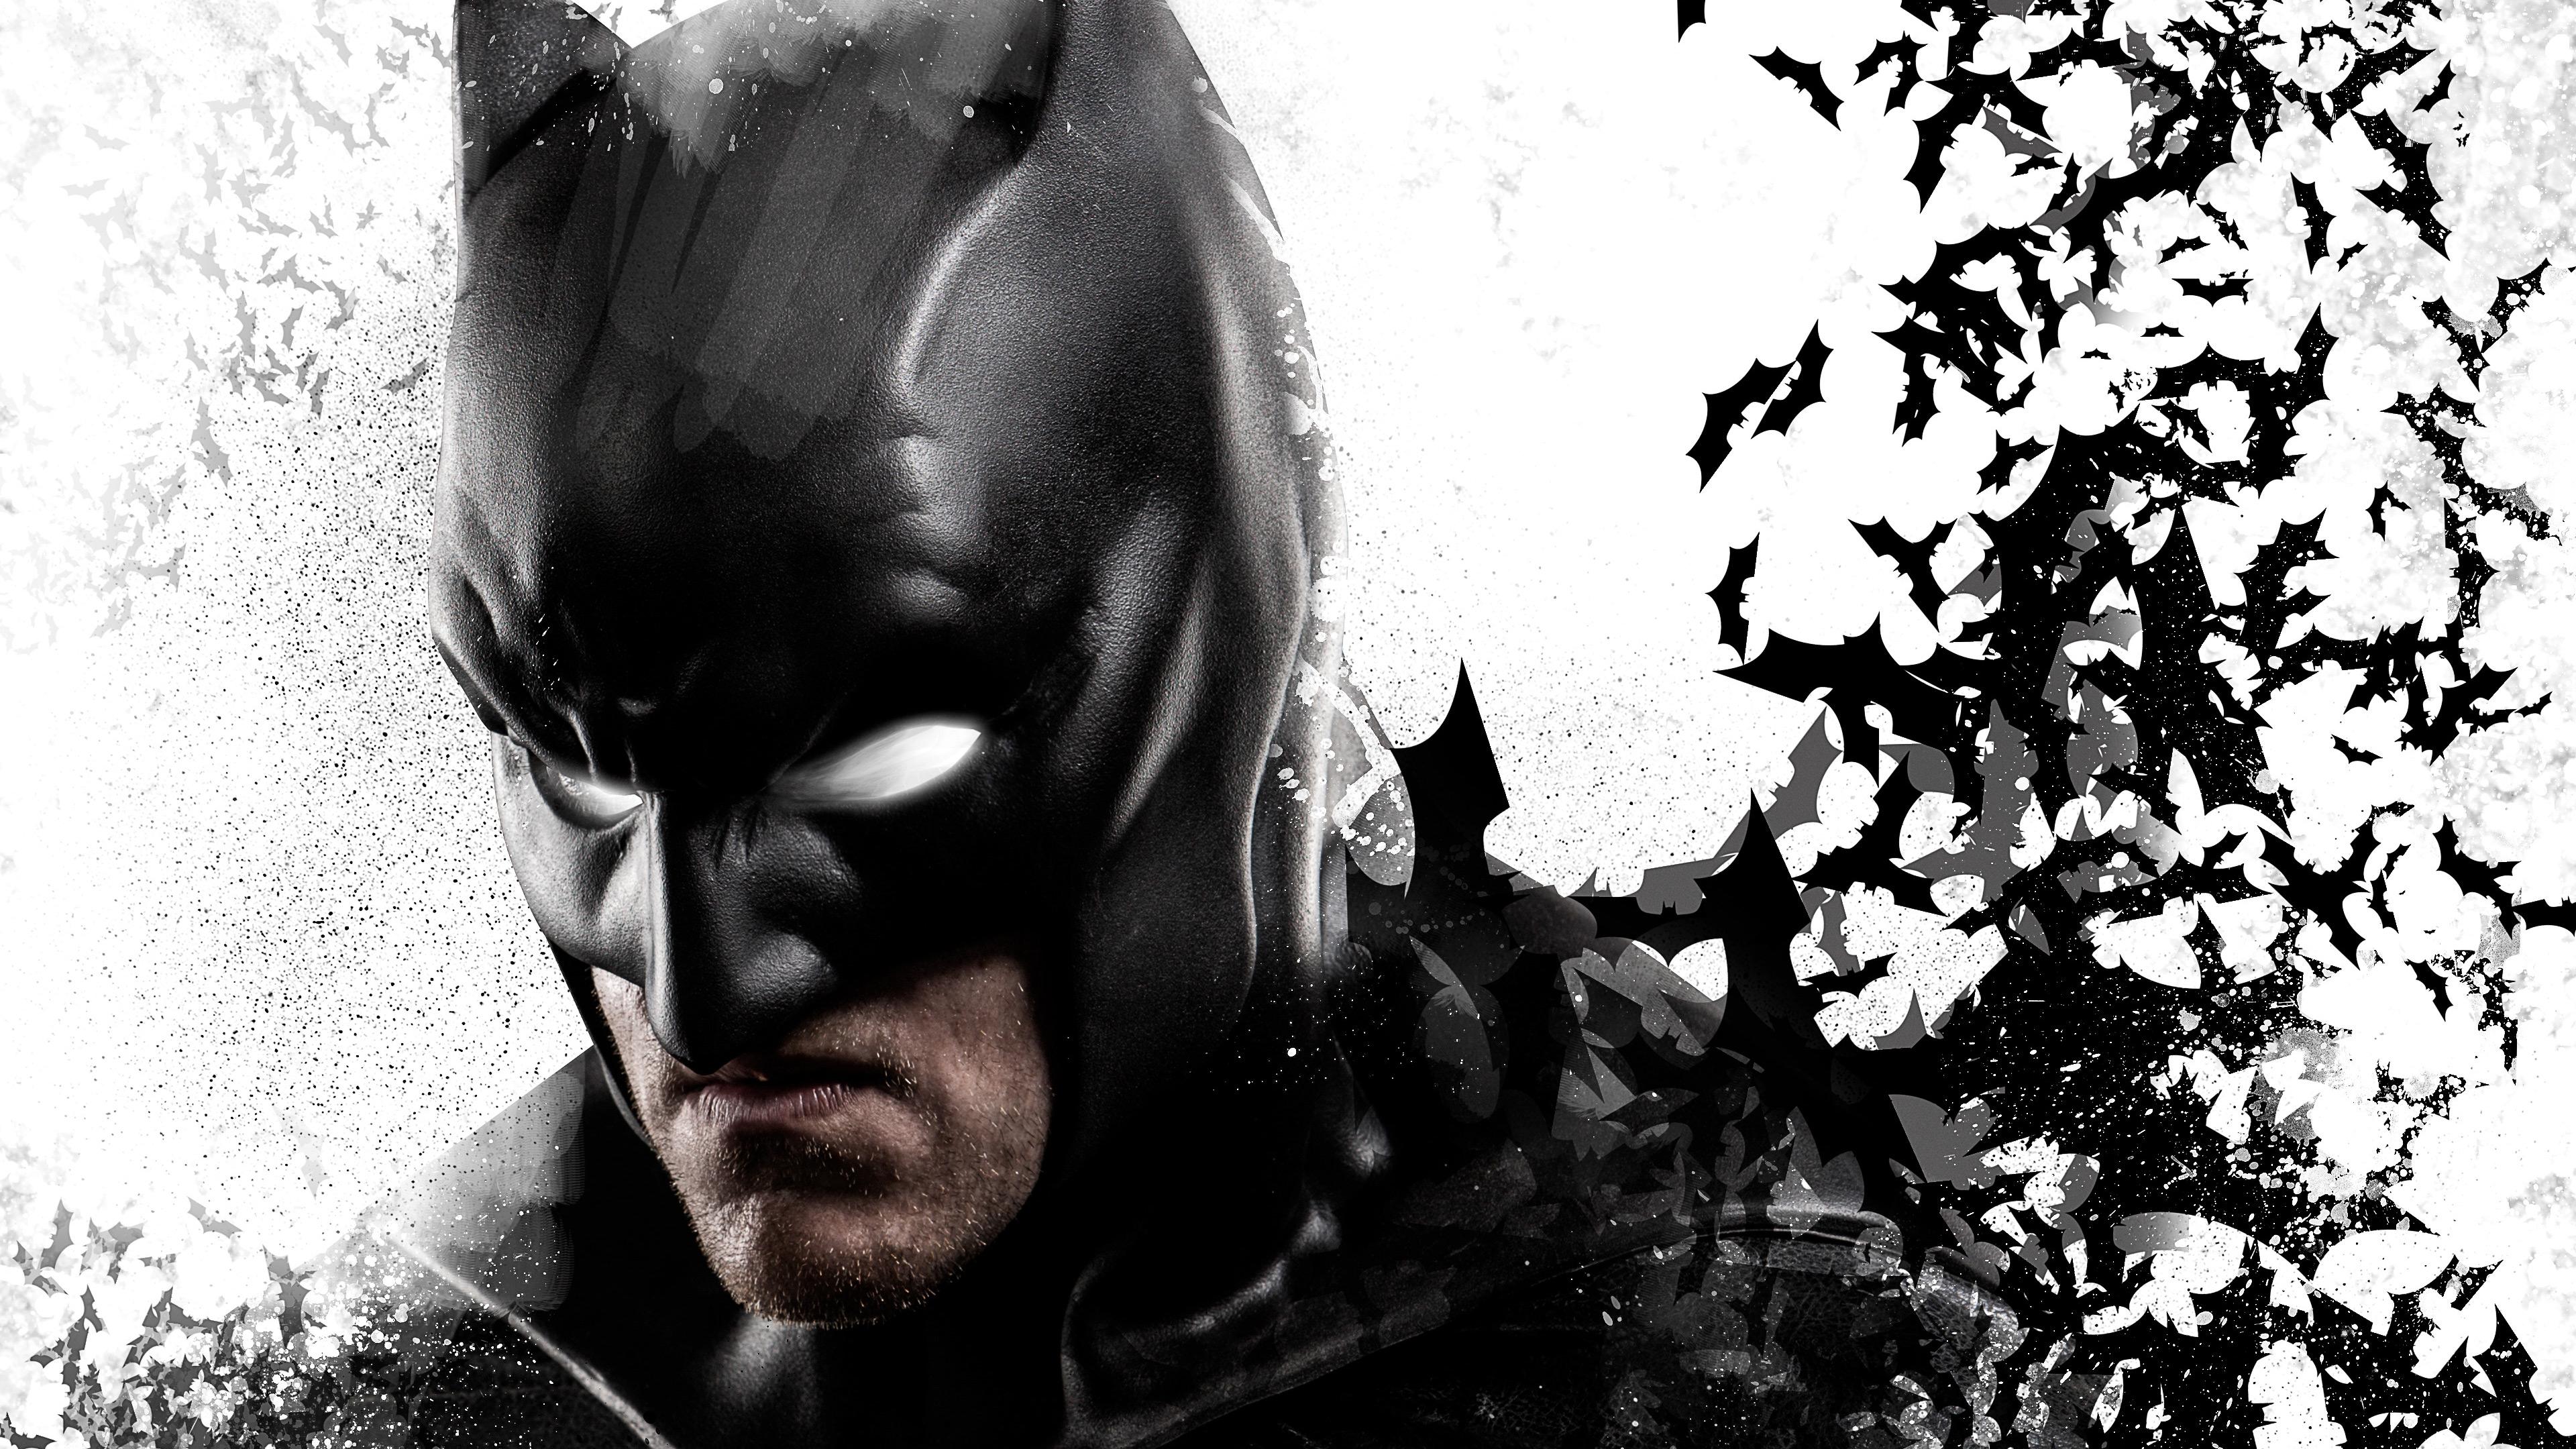 batman bats 4k 1543620339 - Batman Bats 4k - superheroes wallpapers, hd-wallpapers, batman wallpapers, 4k-wallpapers